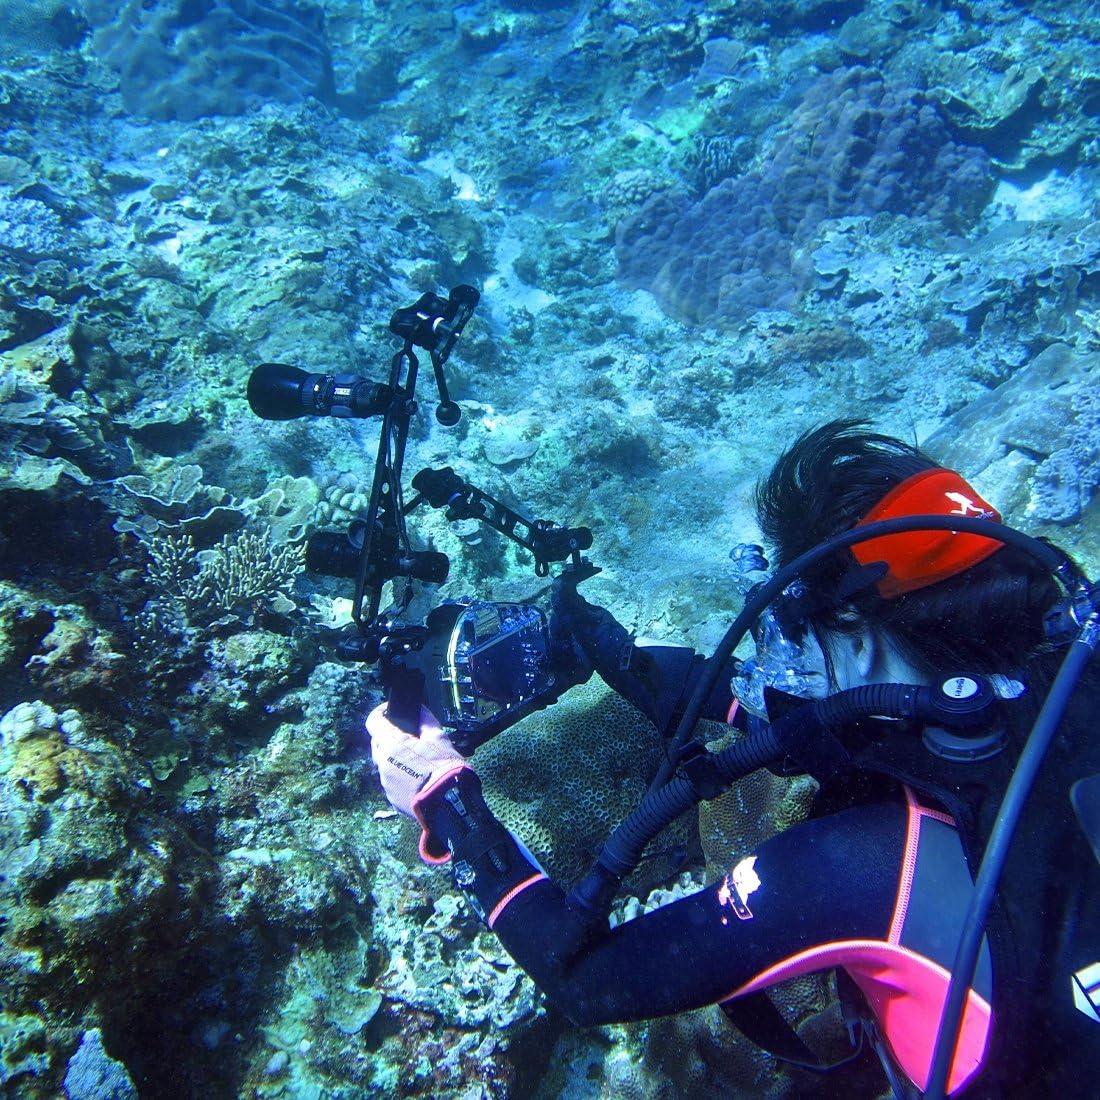 HUIFANGBU 8 inch 20.3cm Aluminum Alloy Ball Arm for Underwater Torch//Video Light Ball Diameter 2.5cm